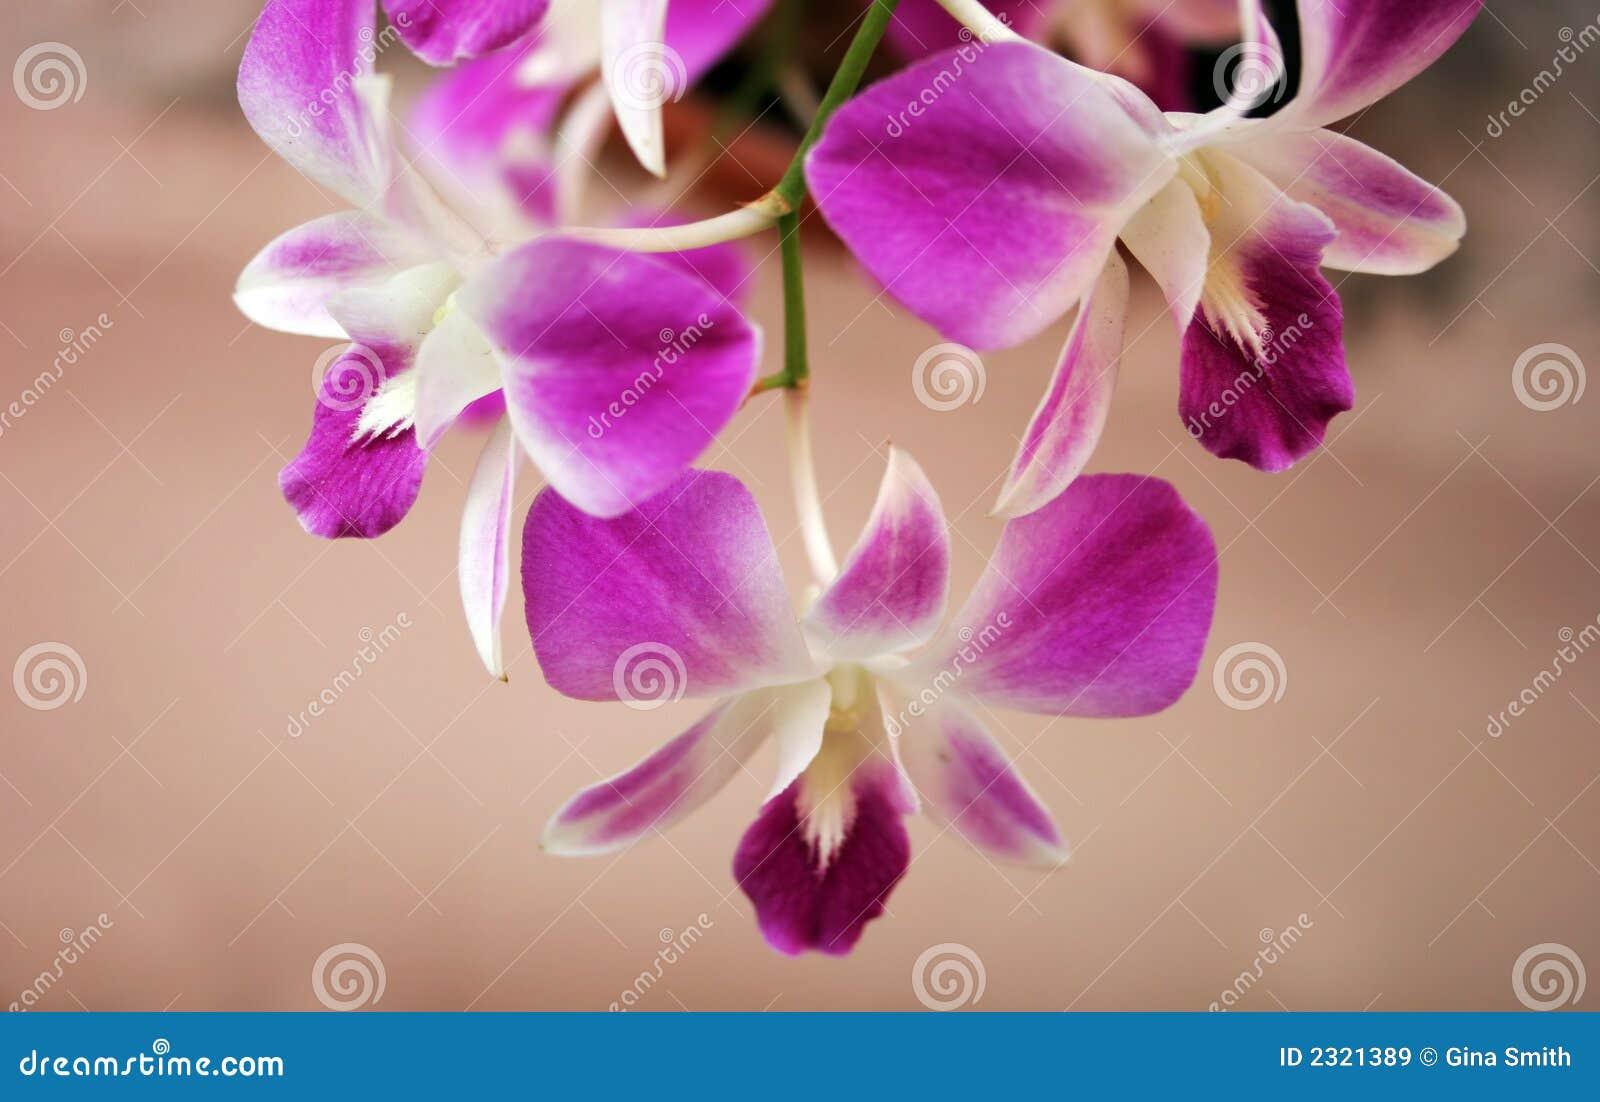 freee orkide thai